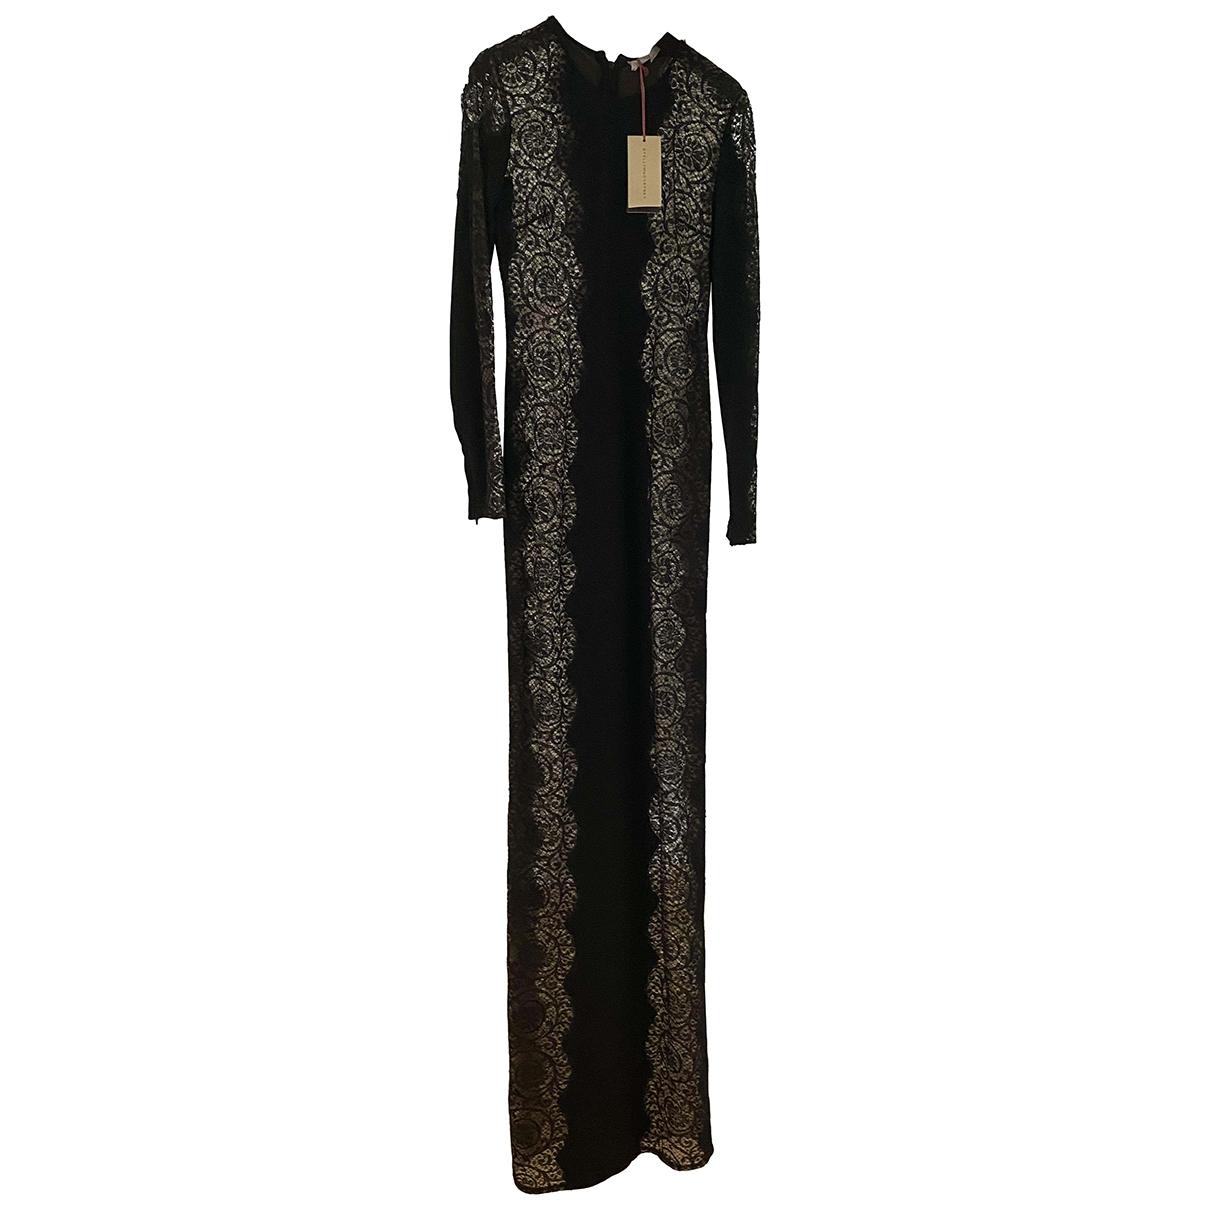 Stella Mccartney \N Black Lace dress for Women 36 IT